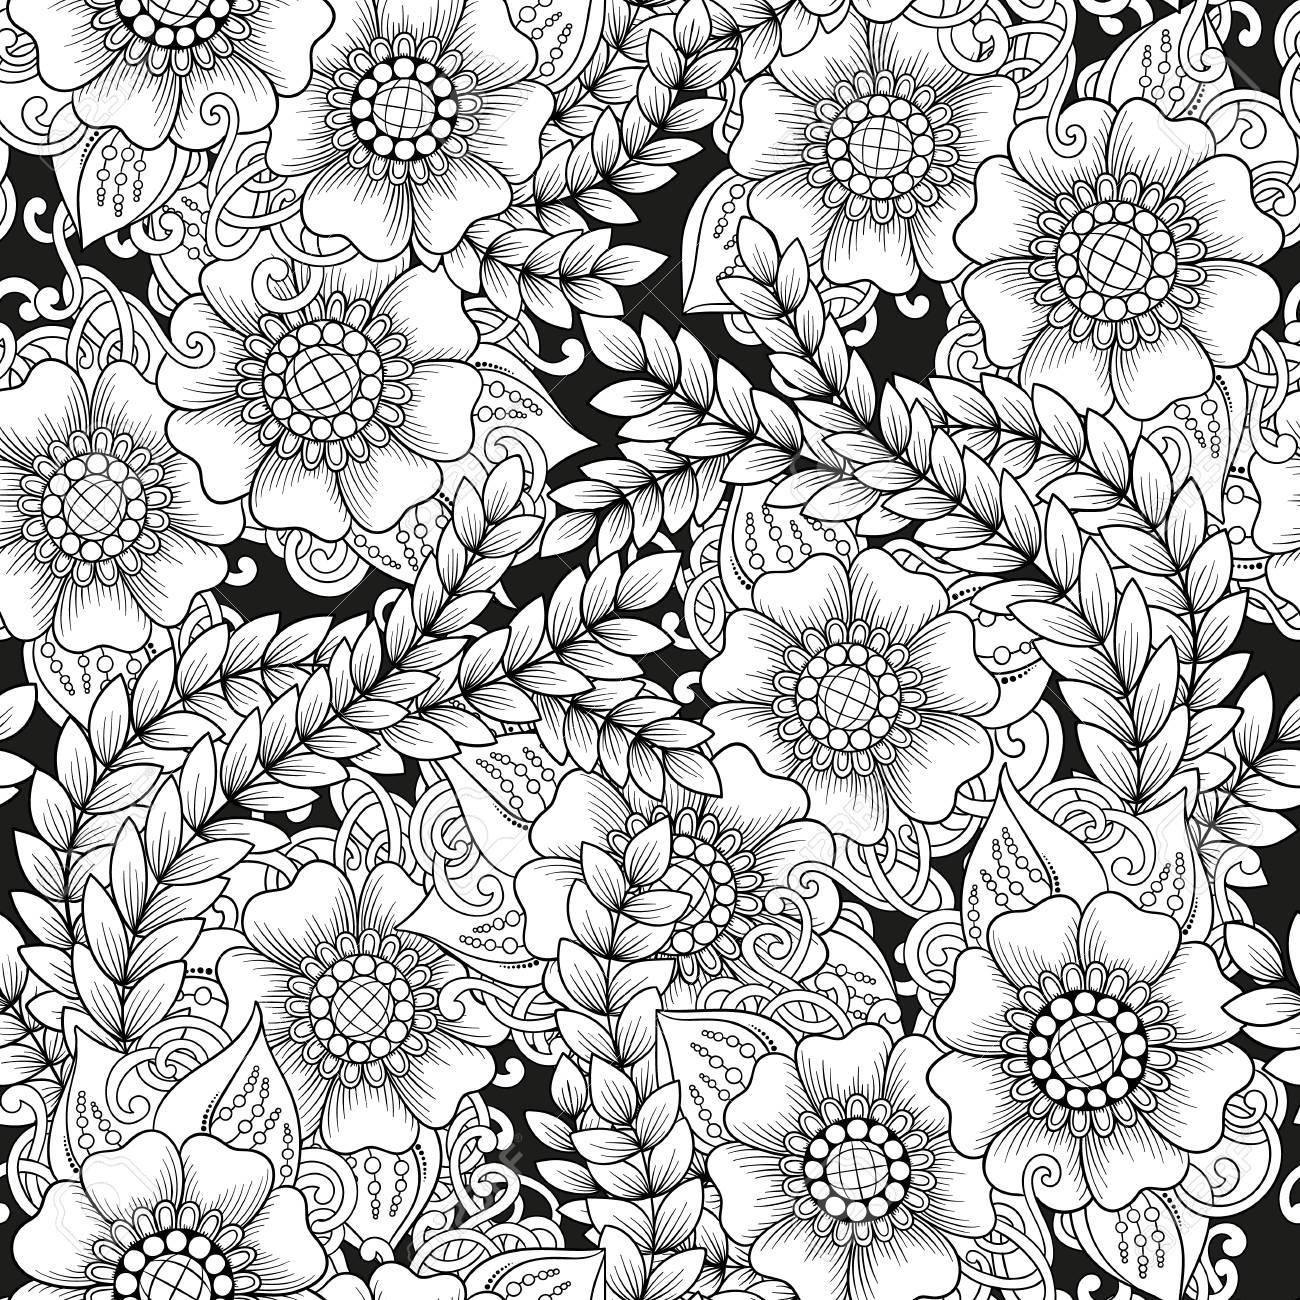 Carta Da Parati Floreale Bianco E Nero.Vettoriale Modello In Bianco E Nero Ornamentale Senza Soluzione